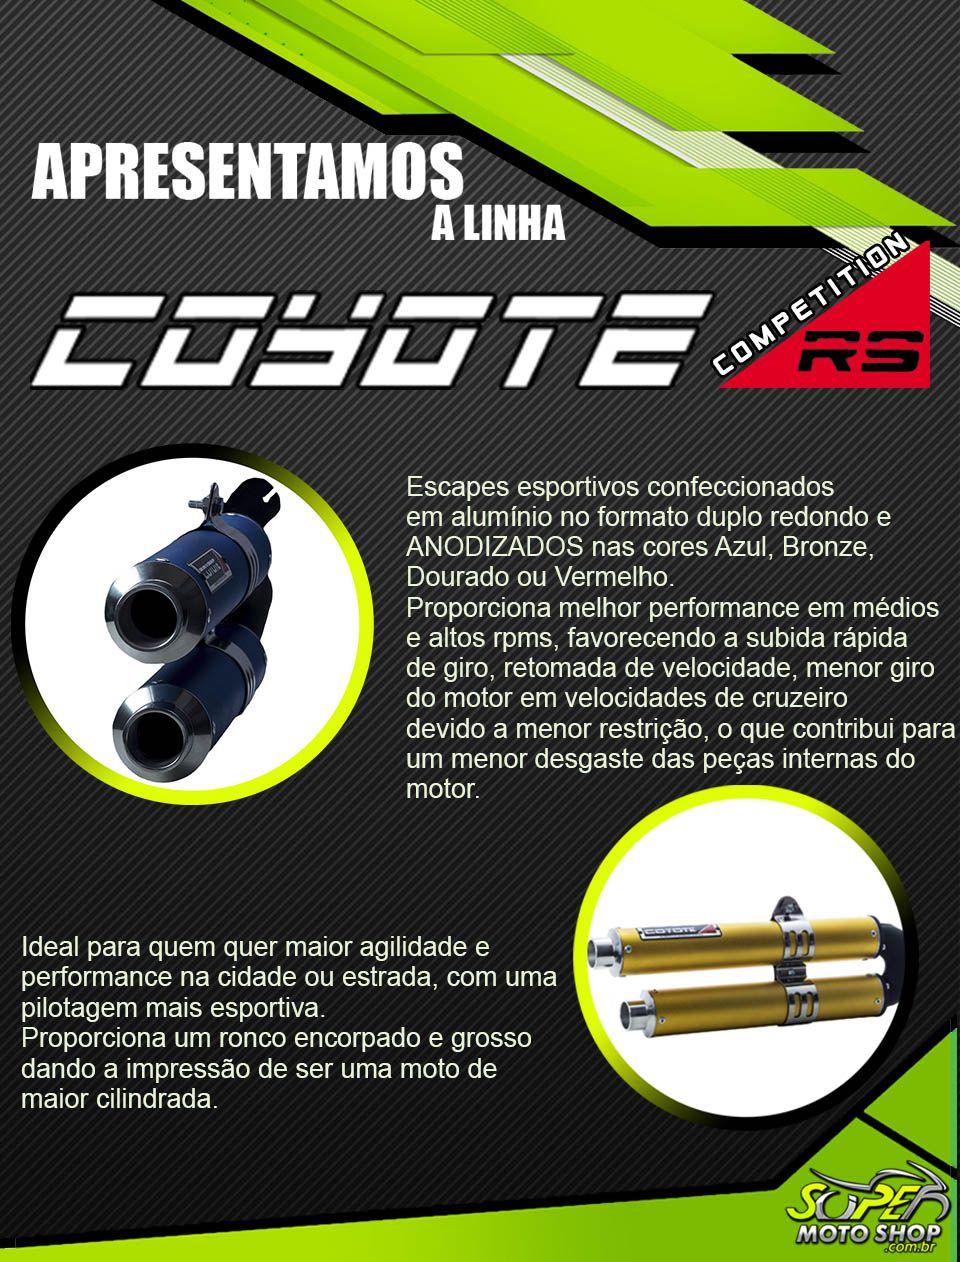 Escape / Ponteira Coyote Competition Duplo em Alumínio Colorido (Anodizado) - XRE 300 - Honda